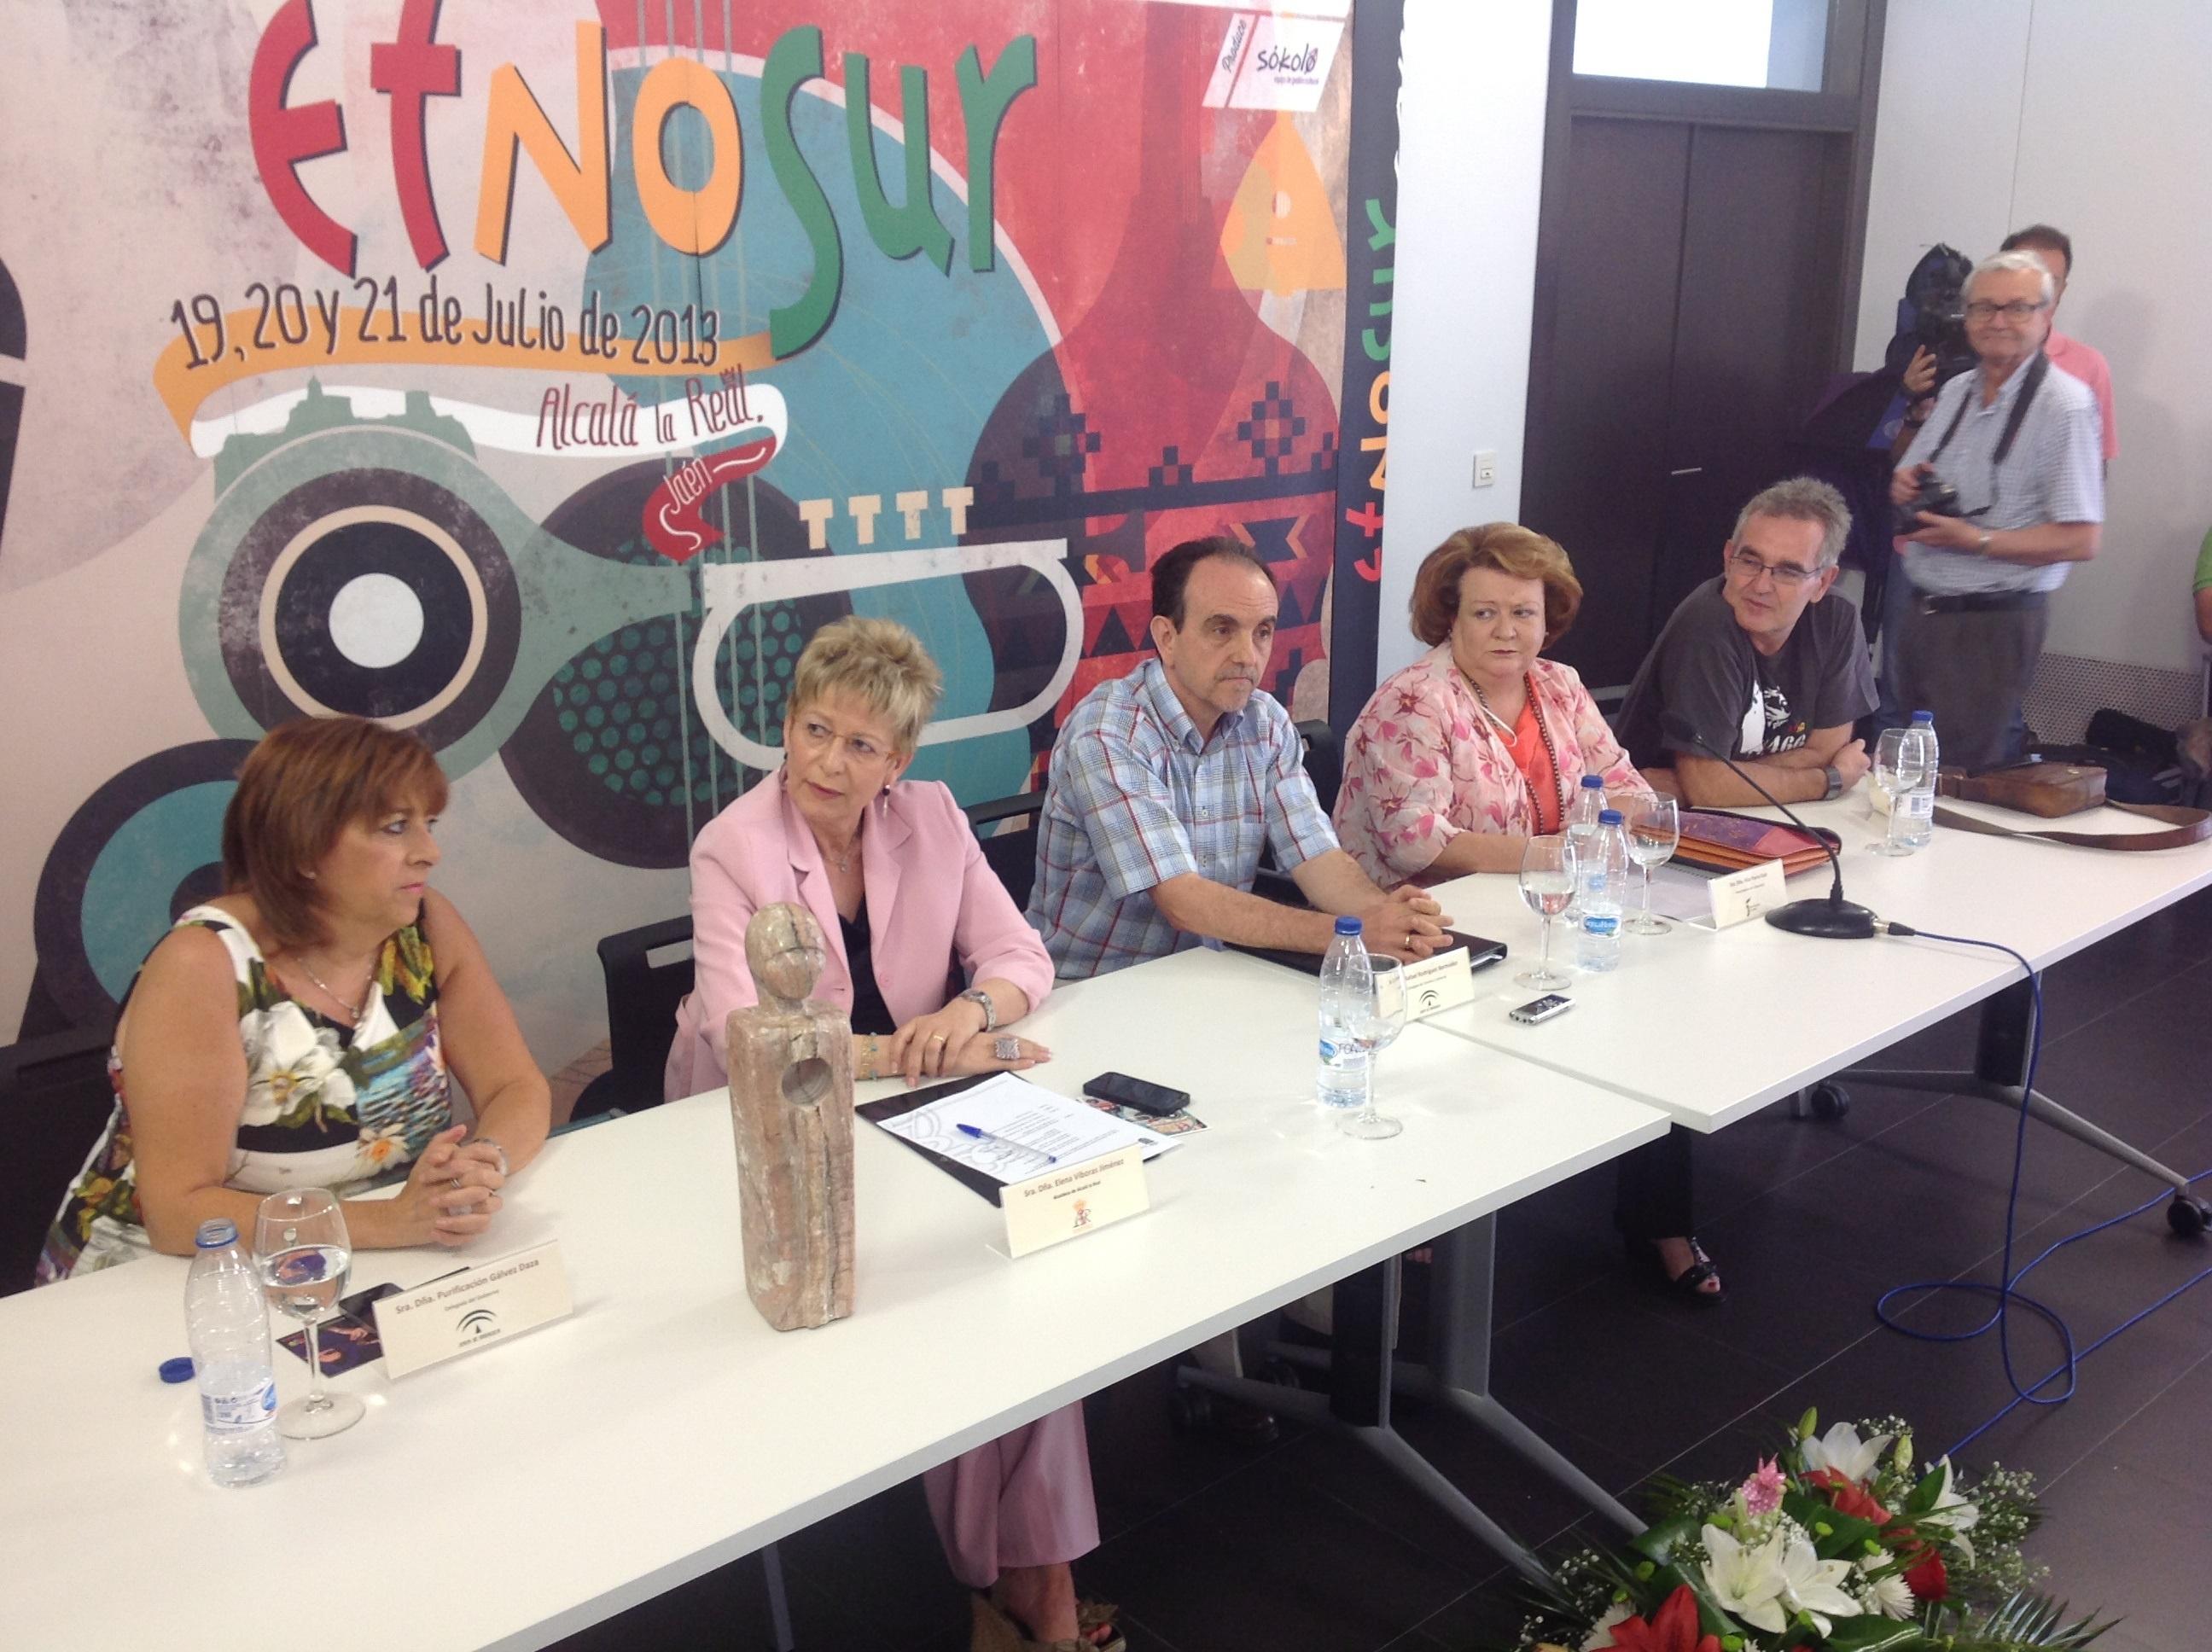 Etnosur abre su XVII edición «consolidado como referente cultural y turístico de Jaén»